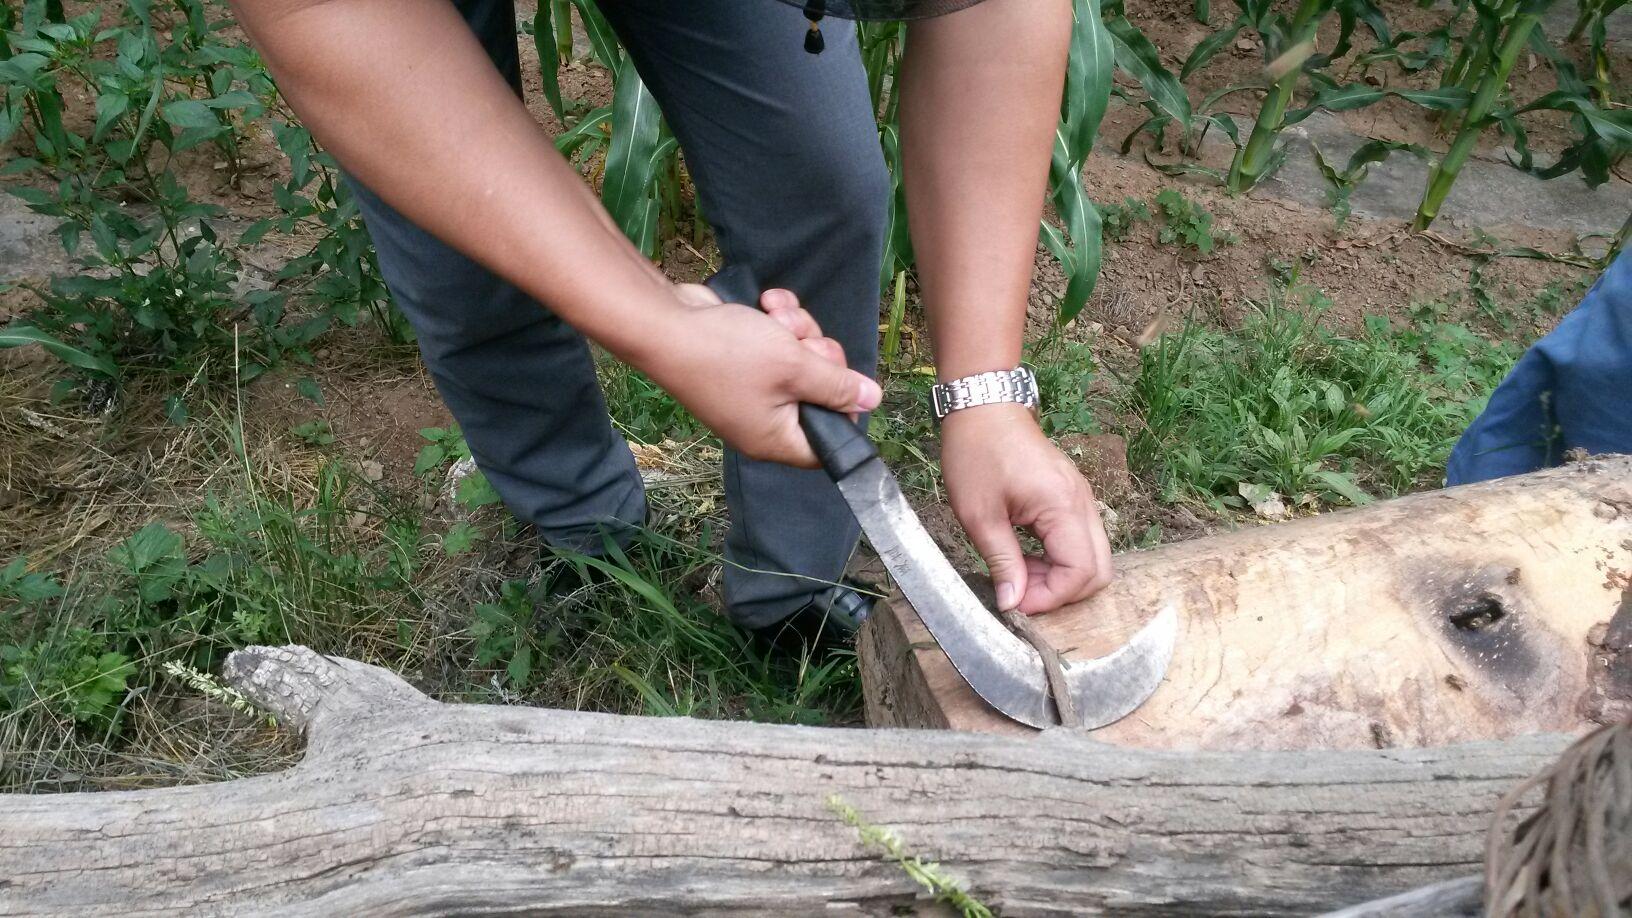 正宗秦岭圆桶土蜂蜜蜂农直售,核桃树掏空做蜂箱,两年才取蜜一次,无